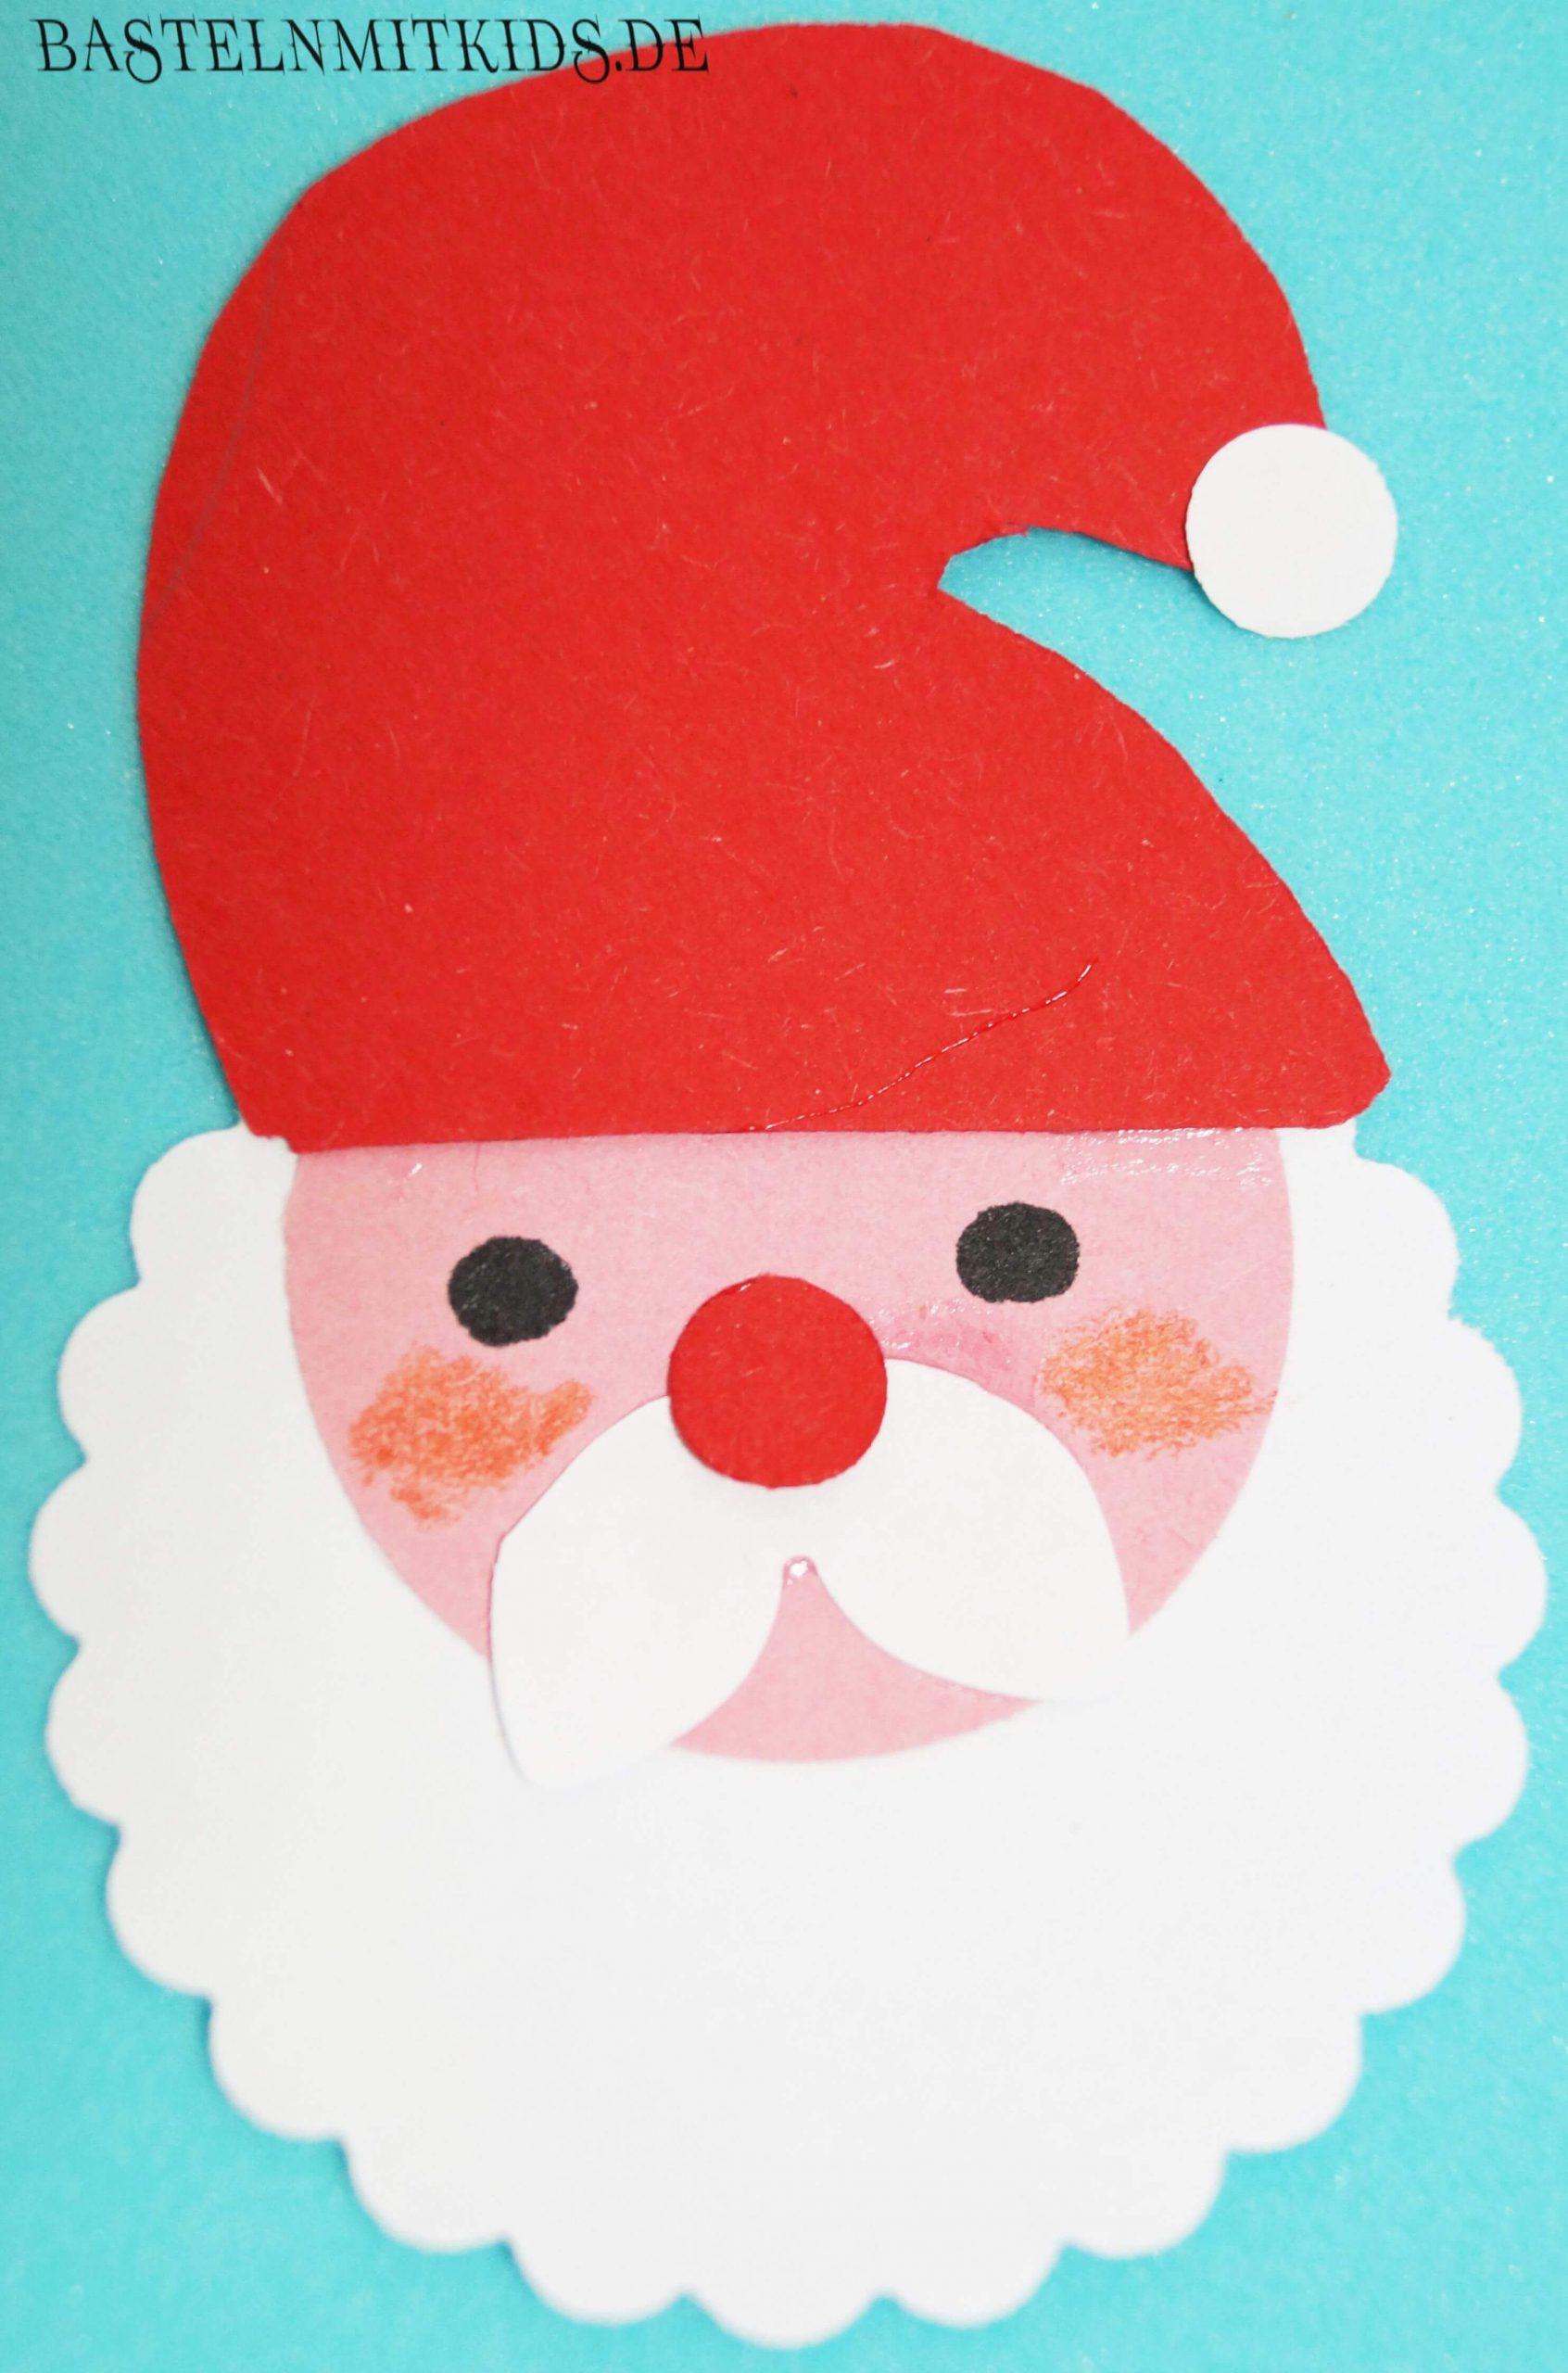 Basteln Mit Kindern - Weihnachtsmann Vorlage Für verwandt mit Weihnachtsmann Bastelvorlage